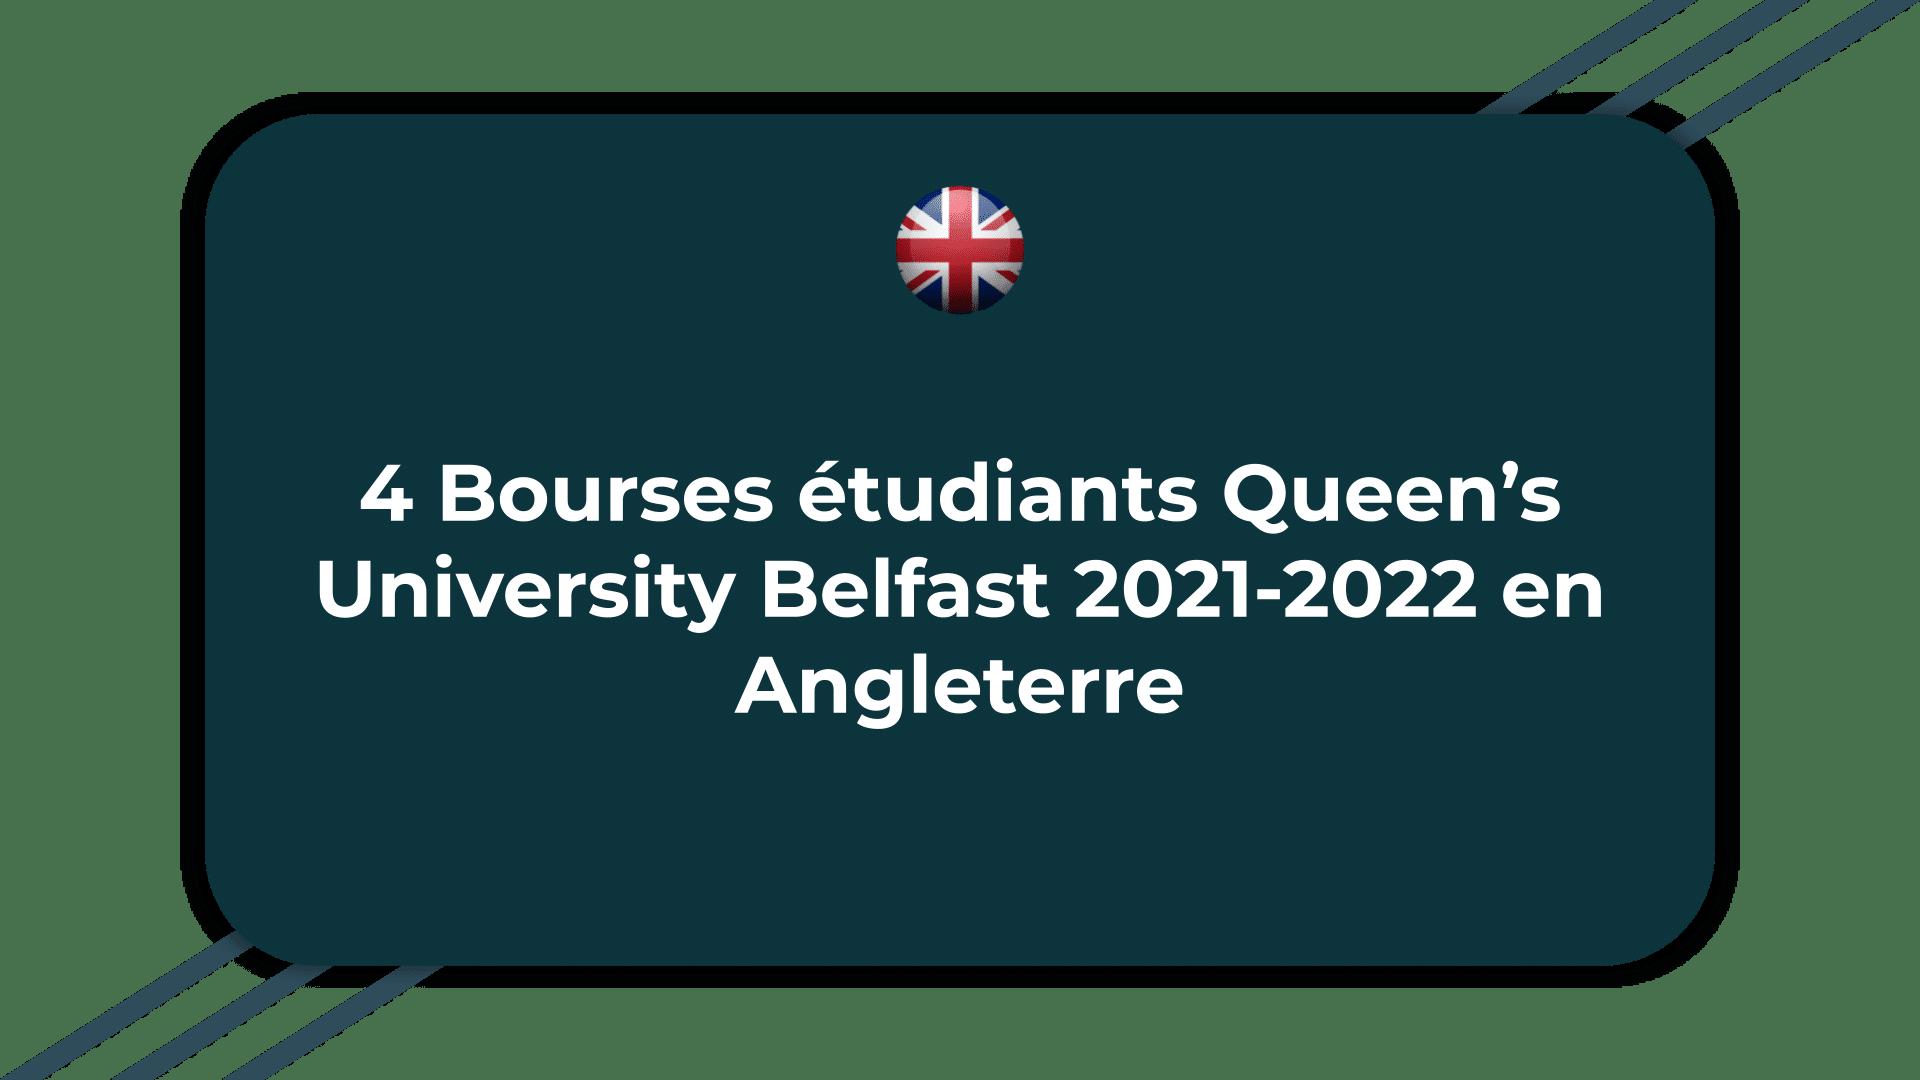 Bourses étudiants Queen's University Belfast